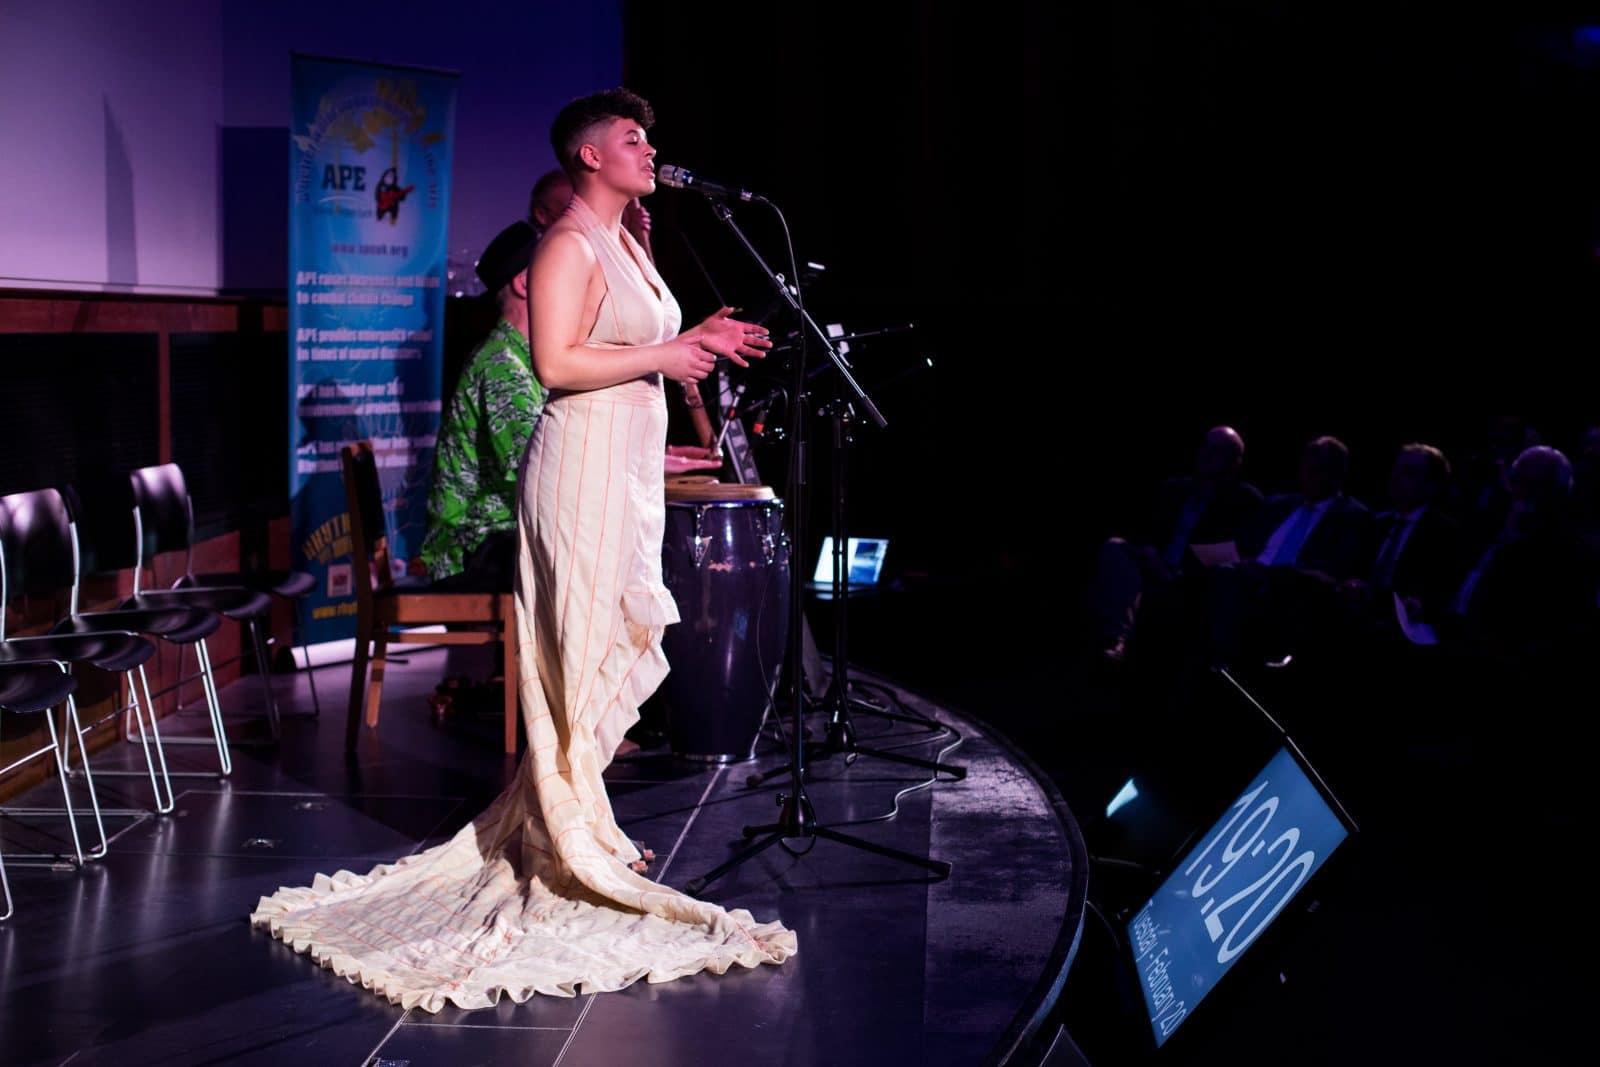 женщина в розовом платье у микрофона